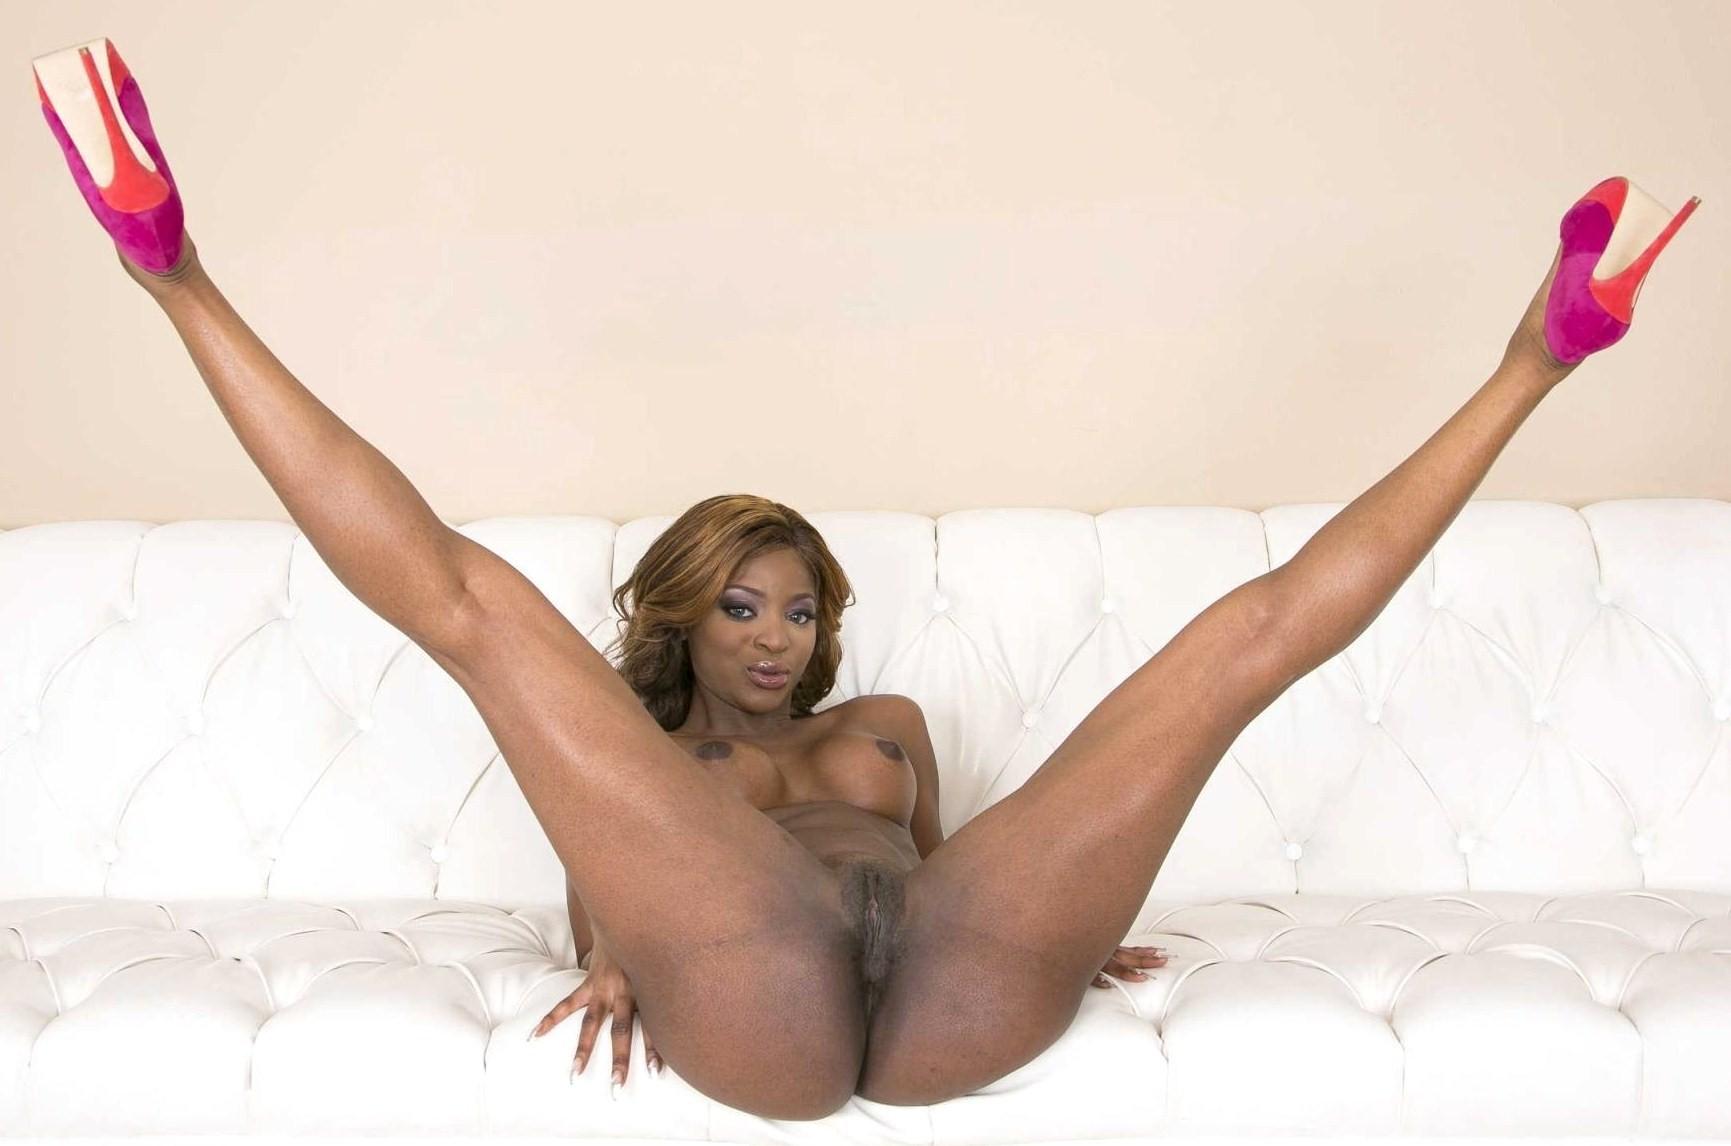 Голые негритянки раздвигают ножки - компиляция 12